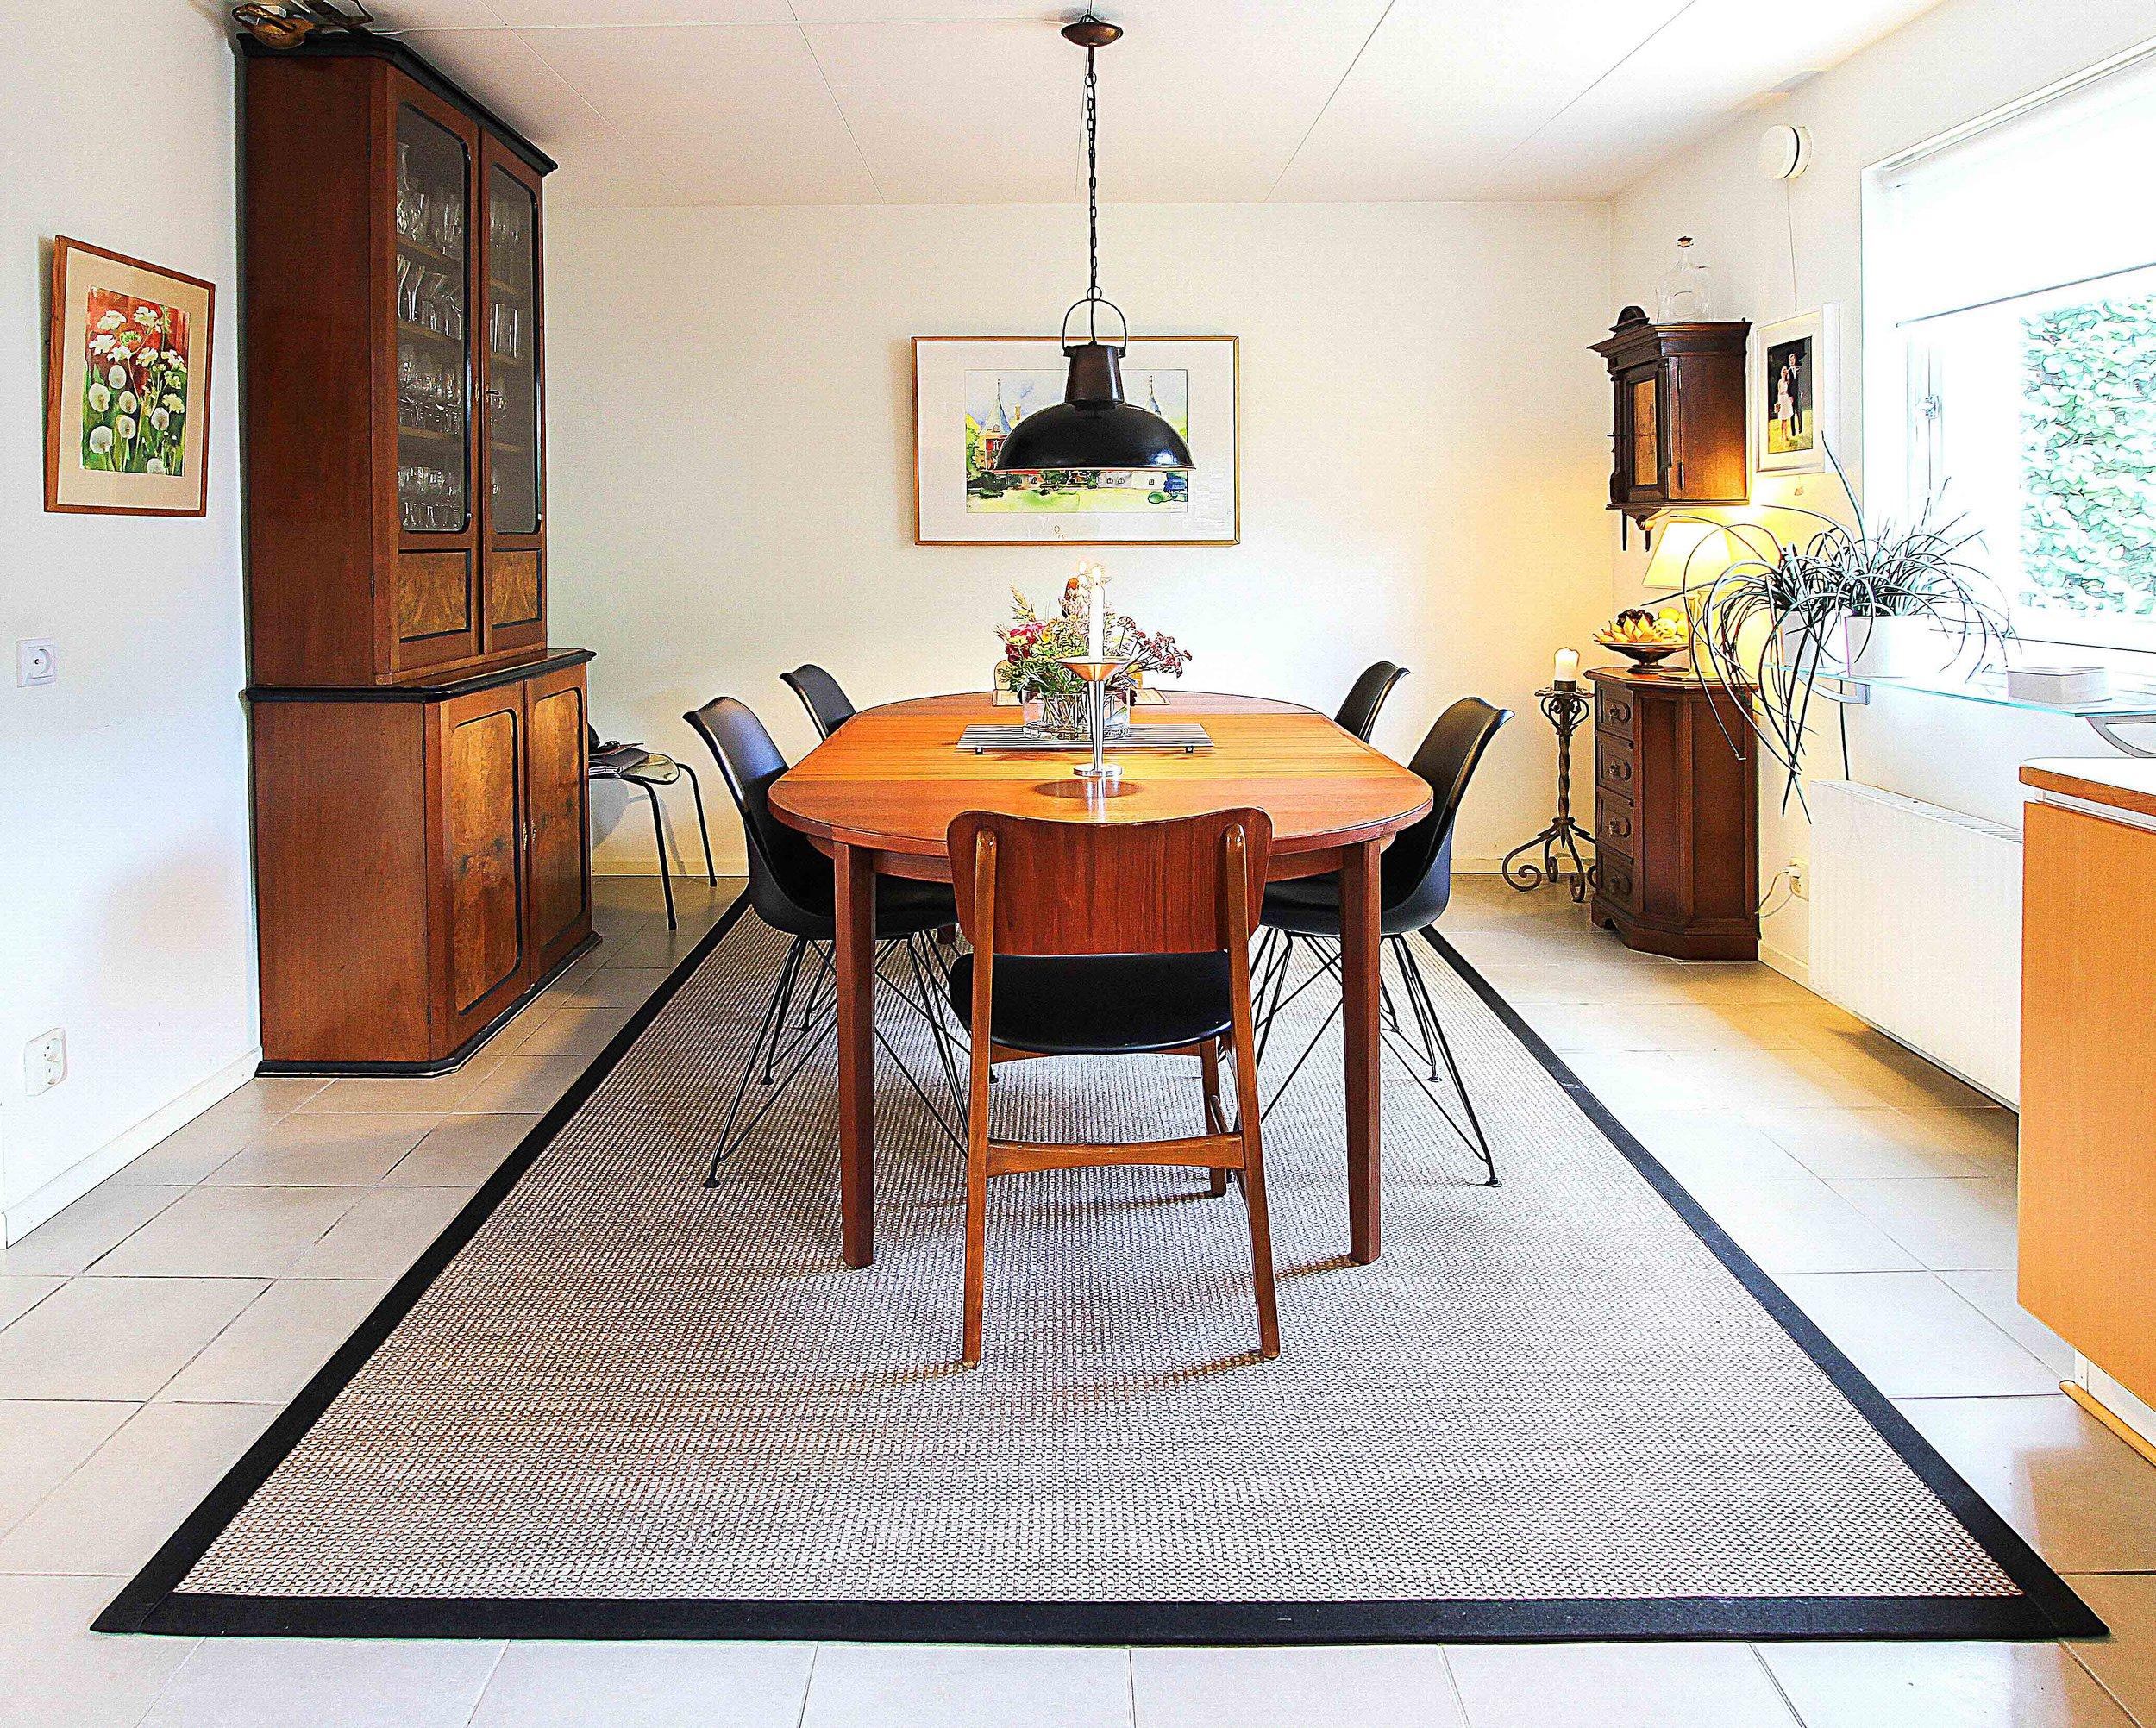 """Tygelvägen - Laröd - """"Jag kan rekommendera Sofiero Mäklarbyrå då jag har goda erfarenheter vid försäljning av min villa i Laröd. Jenny är effektiv & har"""